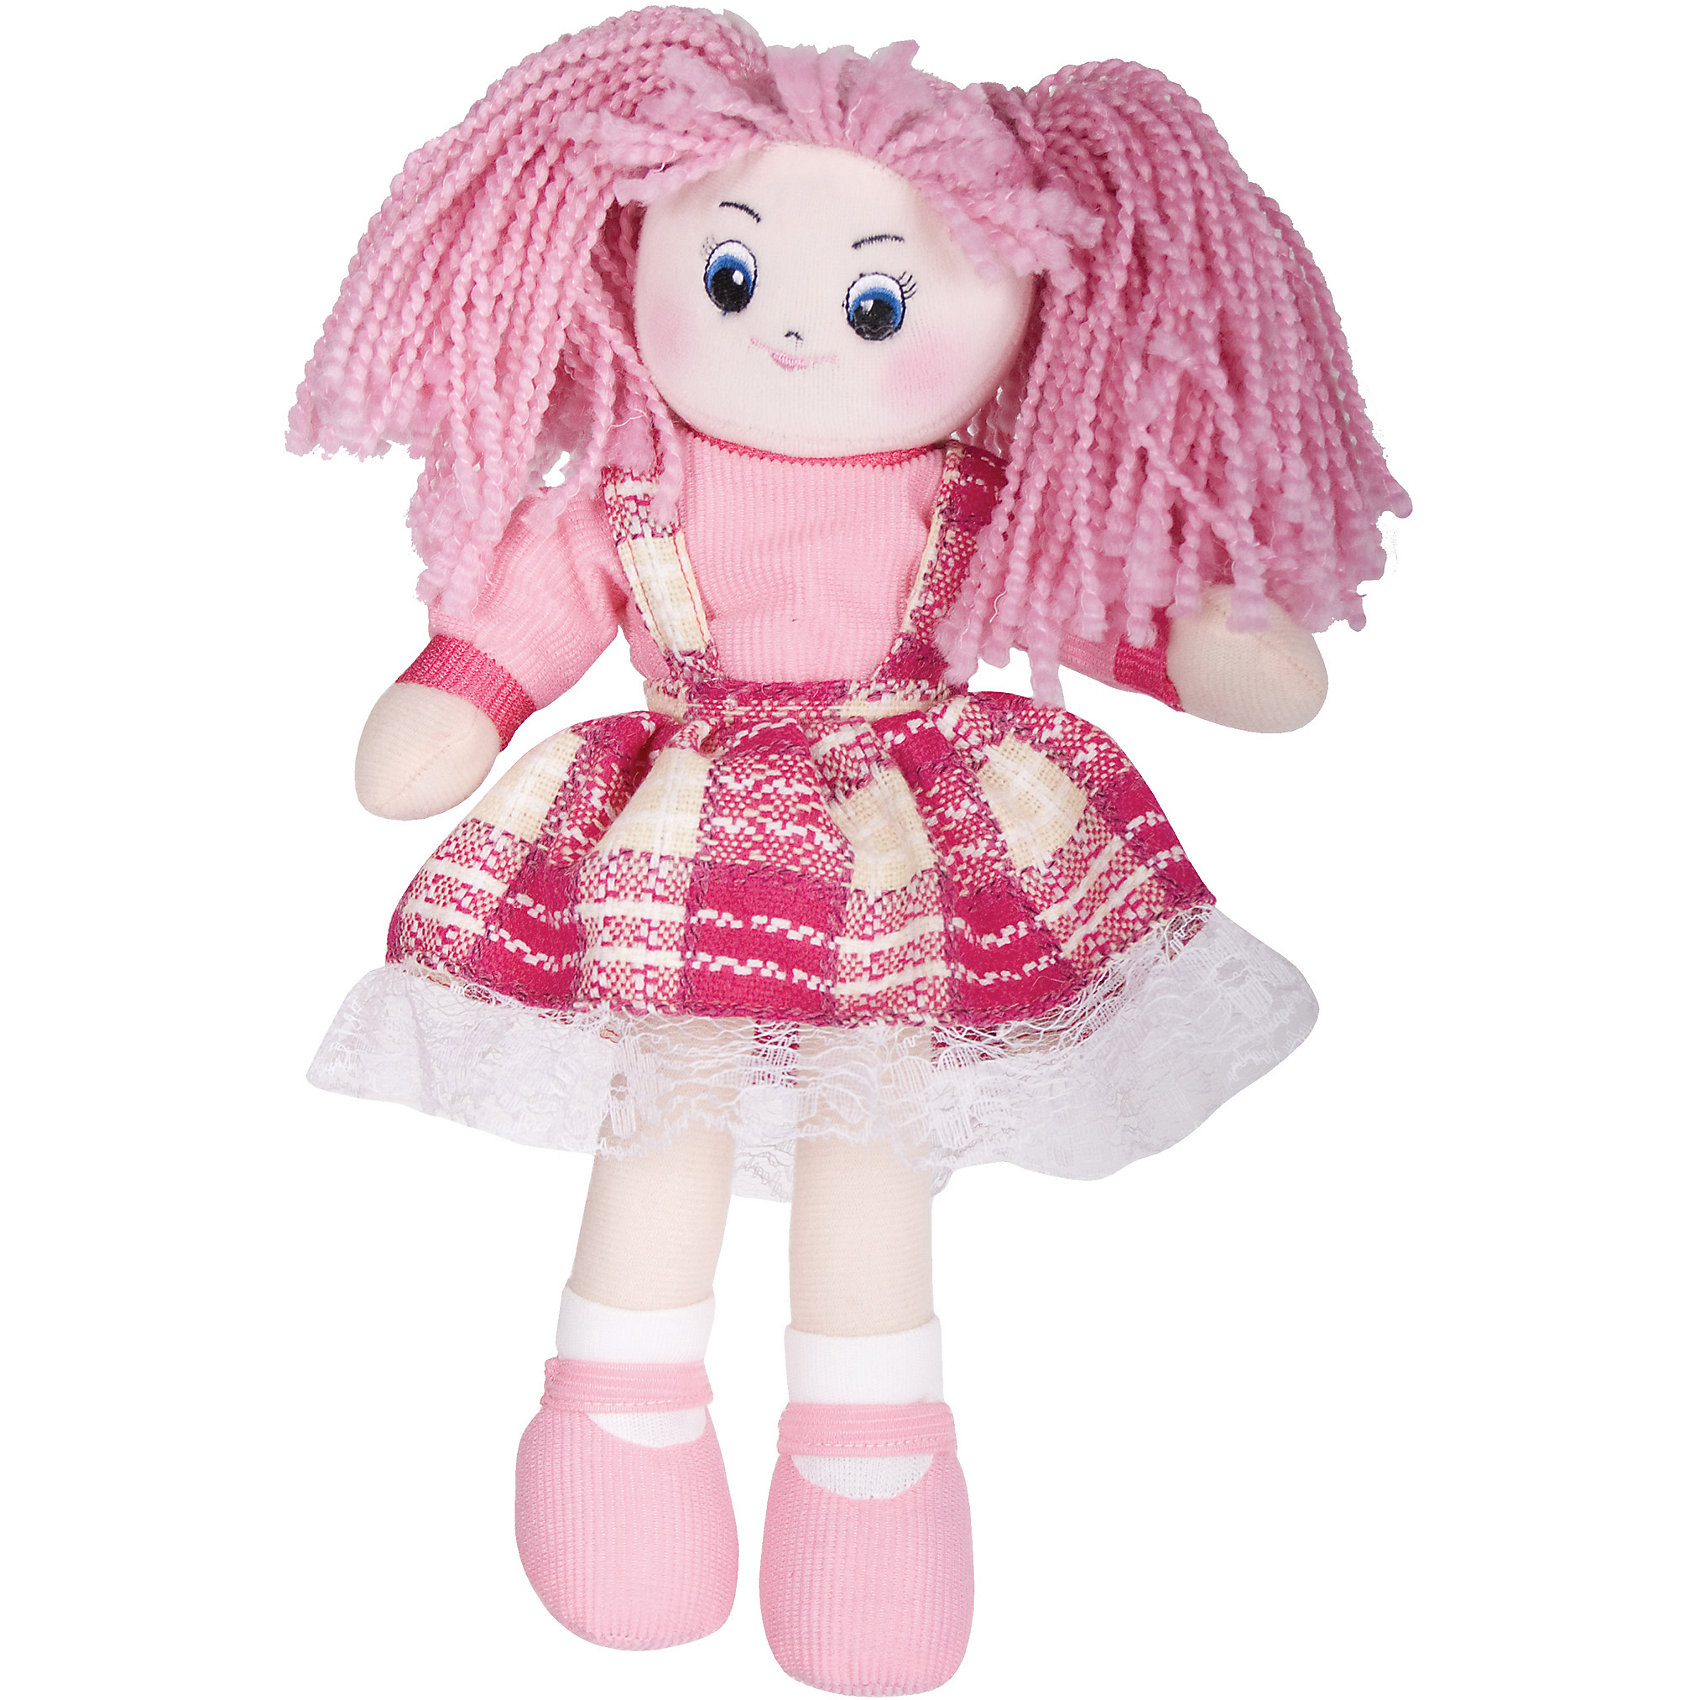 Кукла Клубничка, 30см, GulliverМягкие куклы<br>Кукла Клубничка, 30см, Gulliver (Гулливер) в модном клетчатом платье с оборкой отличается мягкими ручками и ножками, полностью подвижными, поэтому куклу можно сажать на поверхность со спинкой, например, в игрушечную коляску. Вышитые нитками глаза, брови, нос и губы очень яркие на плюшевом, нежном лице. Кукла Клубничка достигает в высоту 30 сантиметров, поэтому ее комфортно брать с собой, носить на руках и играть в любом месте.<br><br>Дополнительная информация:<br>-Размер в упаковке: 30х10х7 см<br>-Вес в упаковке: 141 г<br>-Материалы: текстиль, синтепон<br>-Длина куклы: 30 см<br>-Развивает: воображение, тактильную чувствительность, речь, мелкую моторику<br><br>Яркая мягкая Кукла Клубничка, 30см, Gulliver (Гулливер) станет любимой игрушкой и подружкой любой малышке!<br><br>Кукла Клубничка, 30см, Gulliver (Гулливер) можно купить в нашем магазине.<br><br>Ширина мм: 300<br>Глубина мм: 102<br>Высота мм: 70<br>Вес г: 141<br>Возраст от месяцев: 36<br>Возраст до месяцев: 84<br>Пол: Женский<br>Возраст: Детский<br>SKU: 4288937